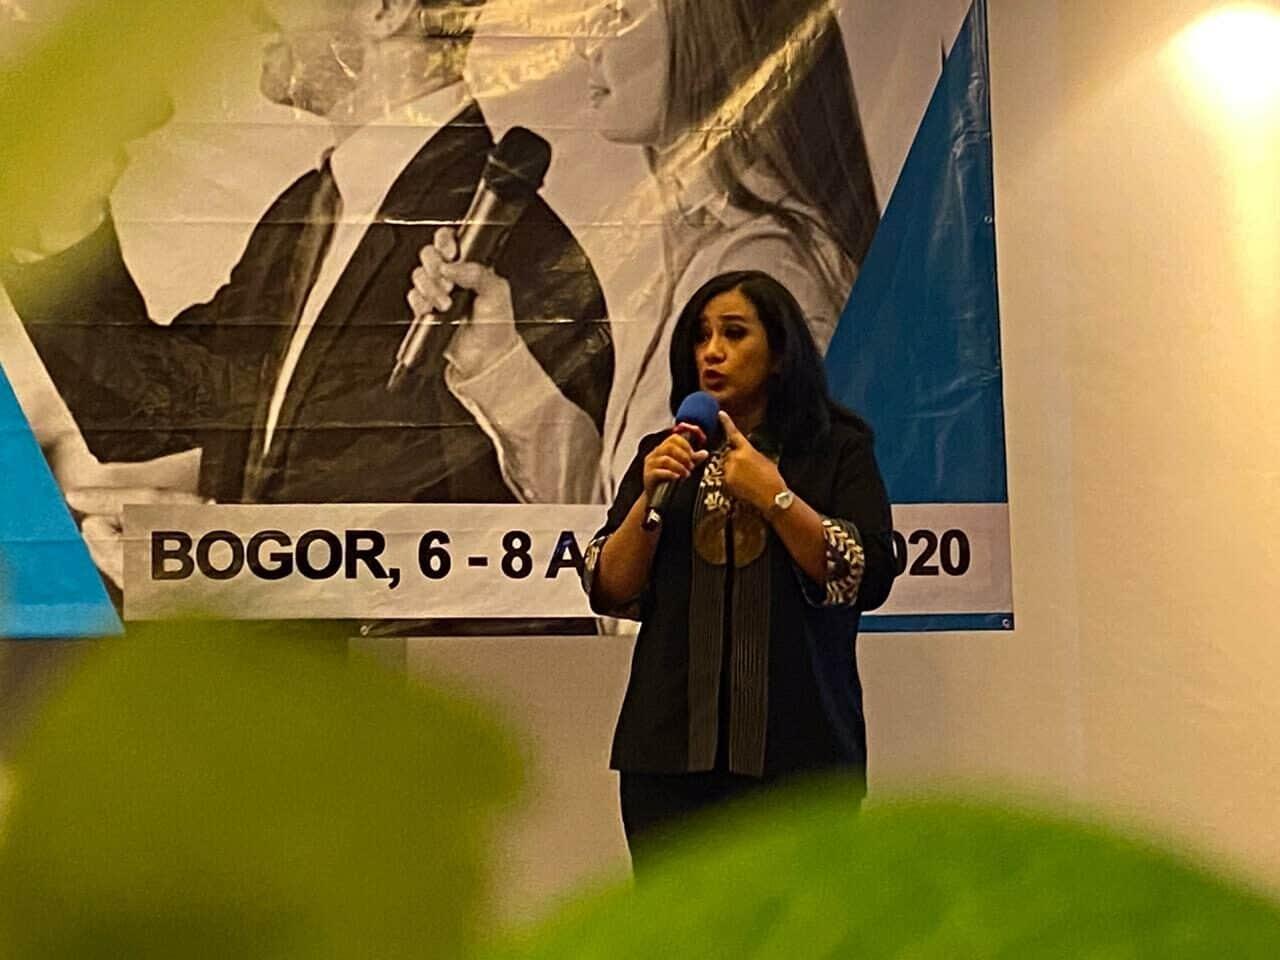 Tingkatkan Kapasitas Sumber Daya Manusia, Kemenko Marves Selenggarakan Workshop Peningkatan Kapabilitas Pembawa Acara